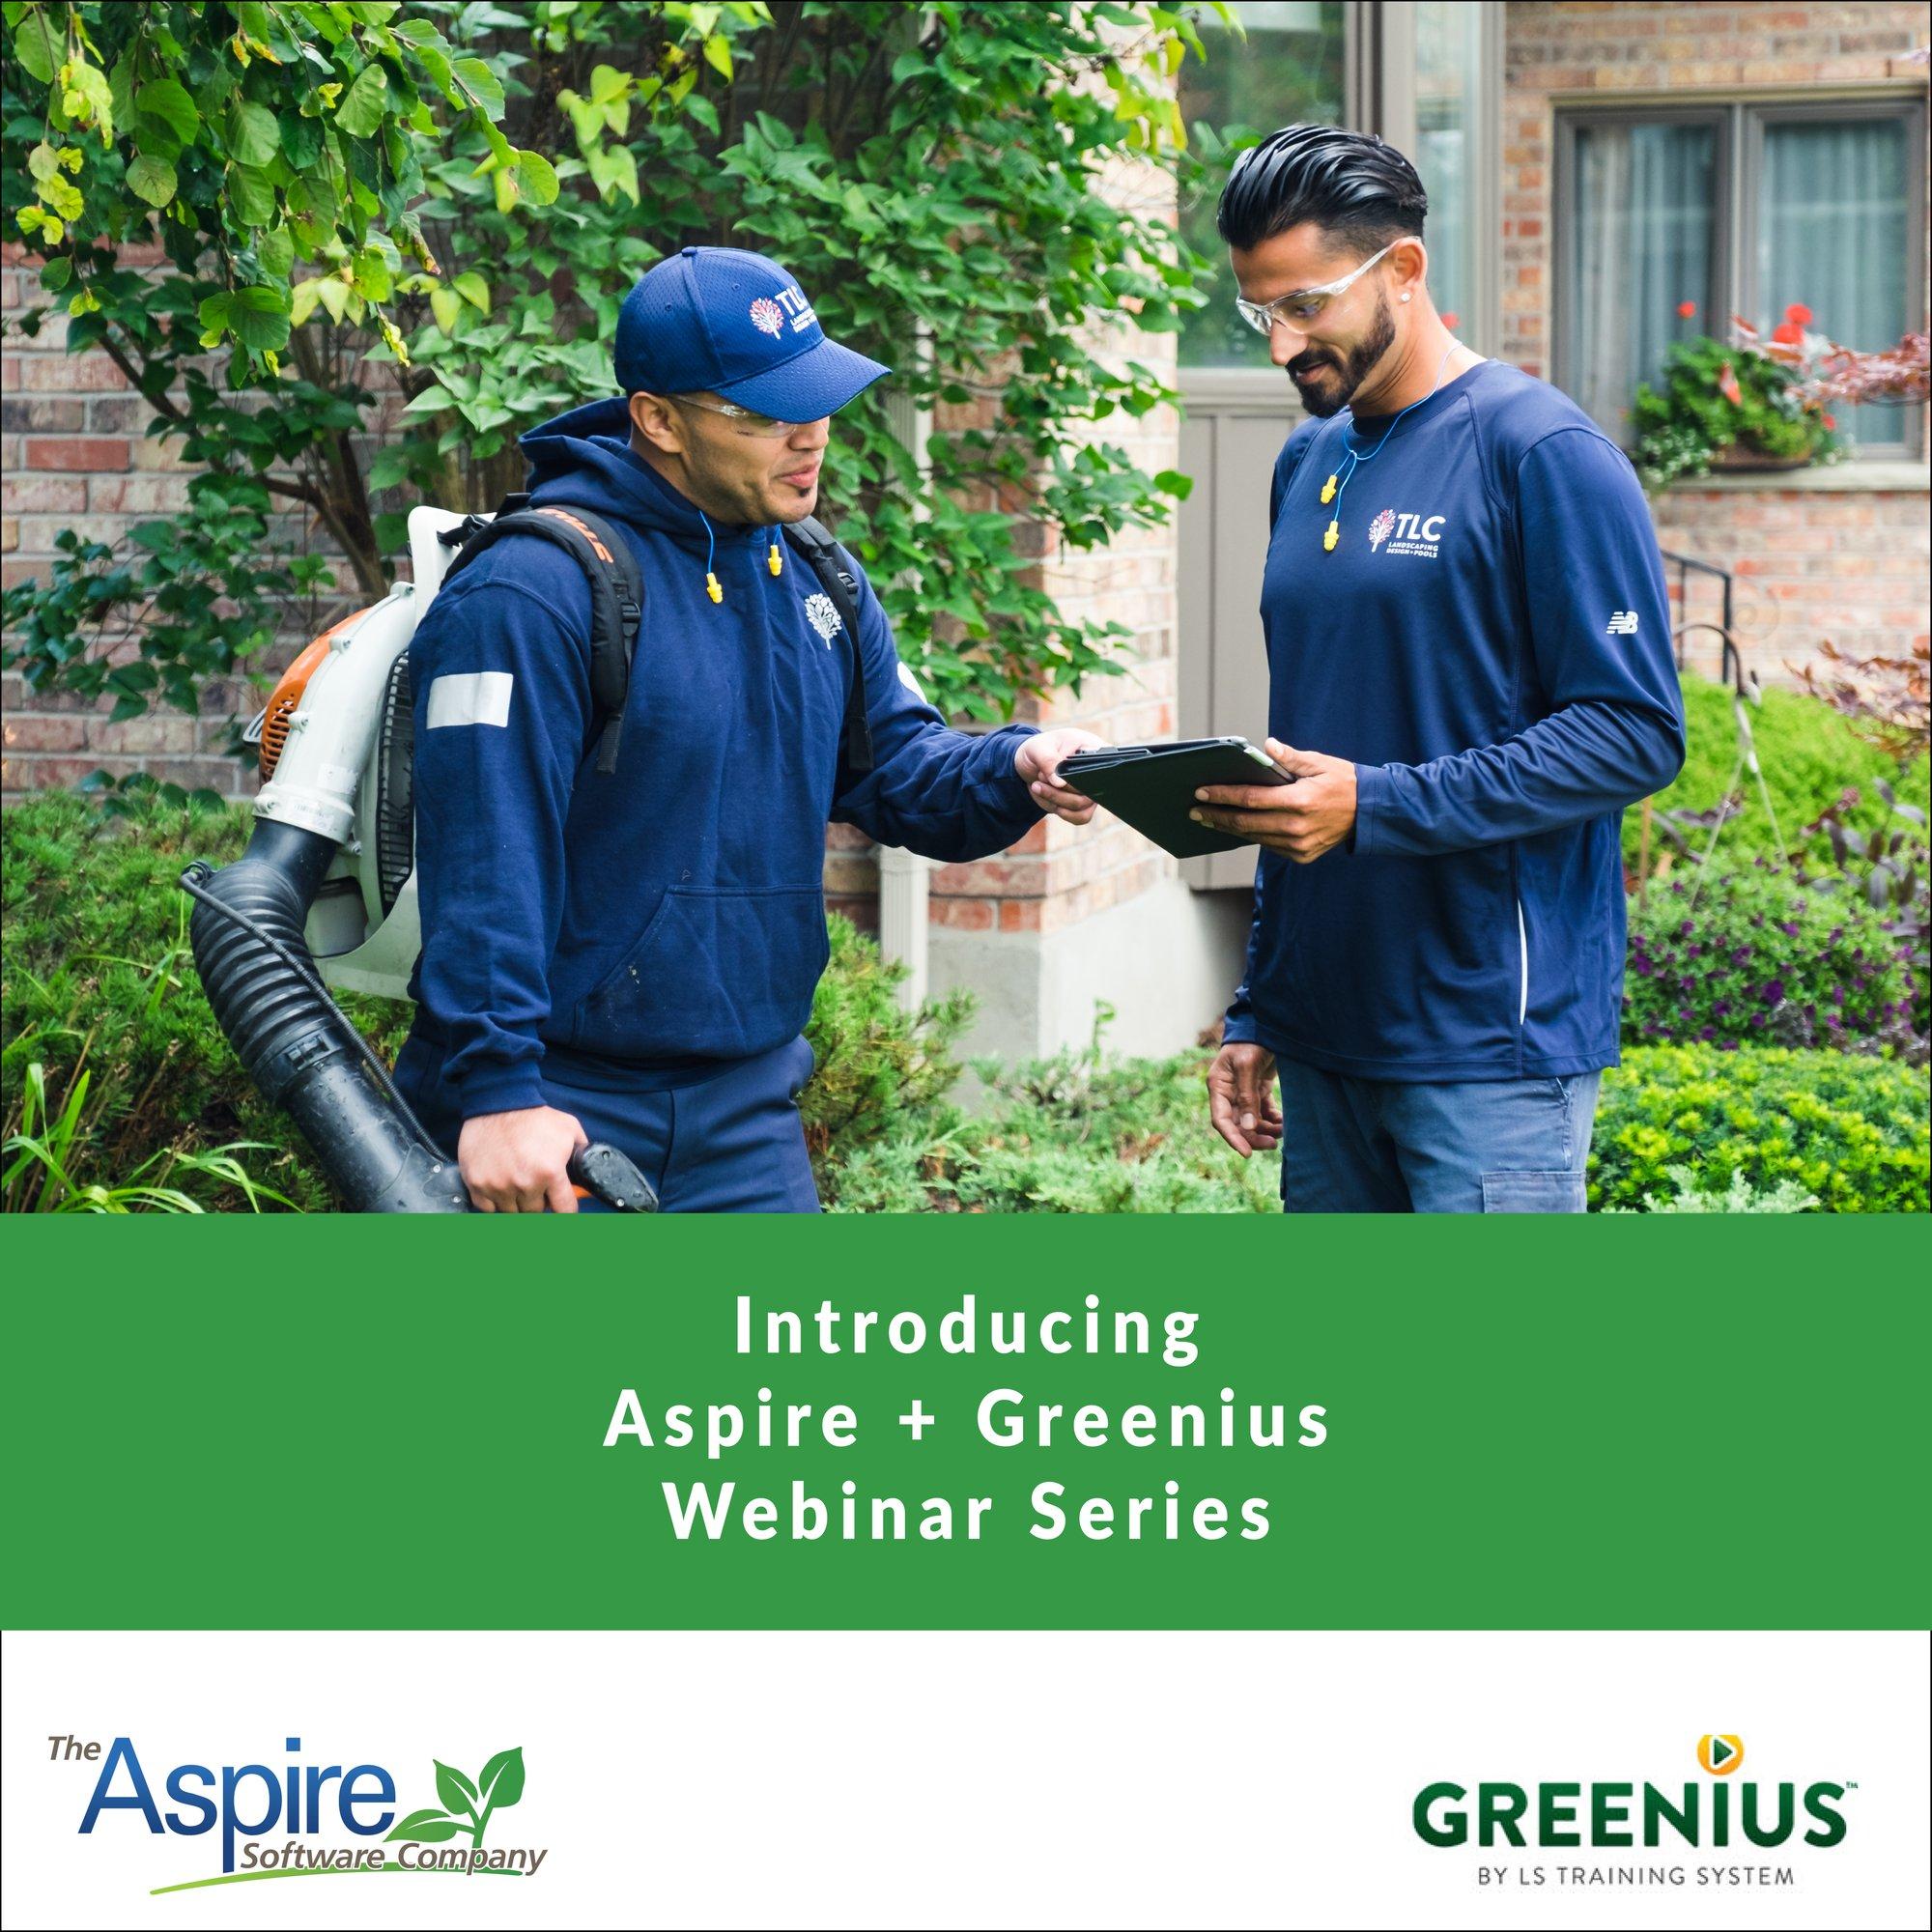 Aspire Greenius Event_Web